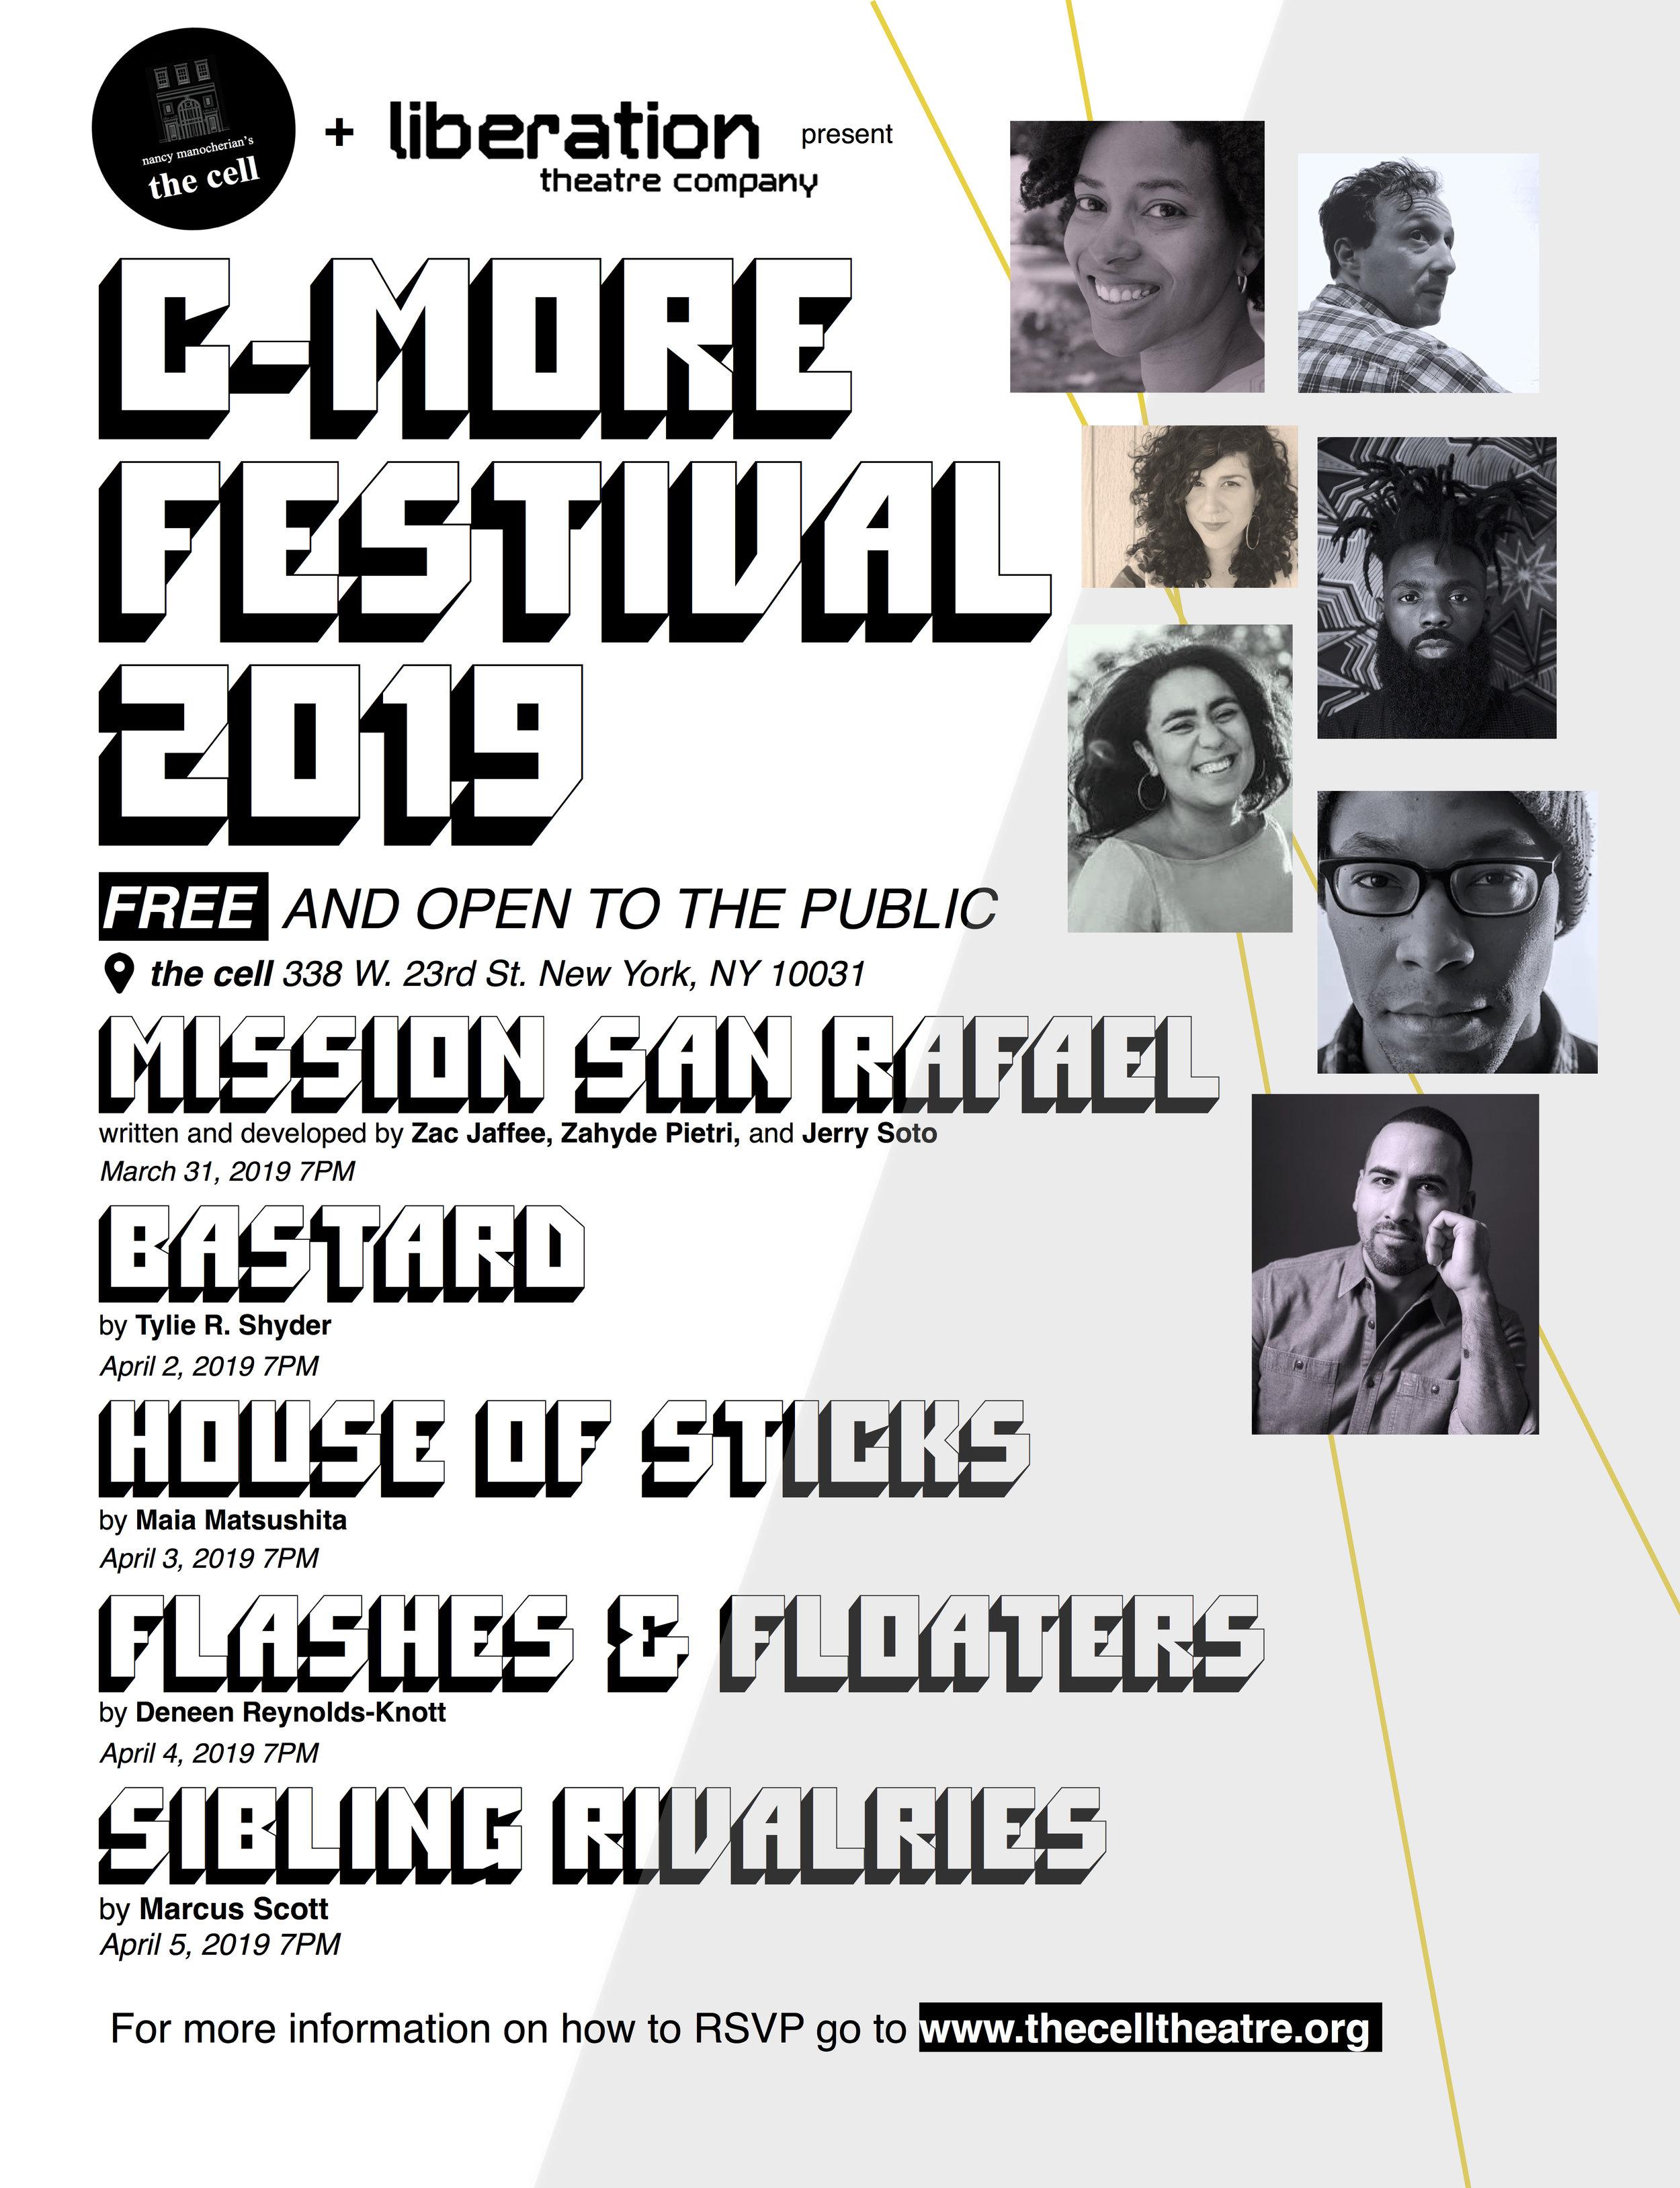 C-MORE FESTIVAL 2019.jpg